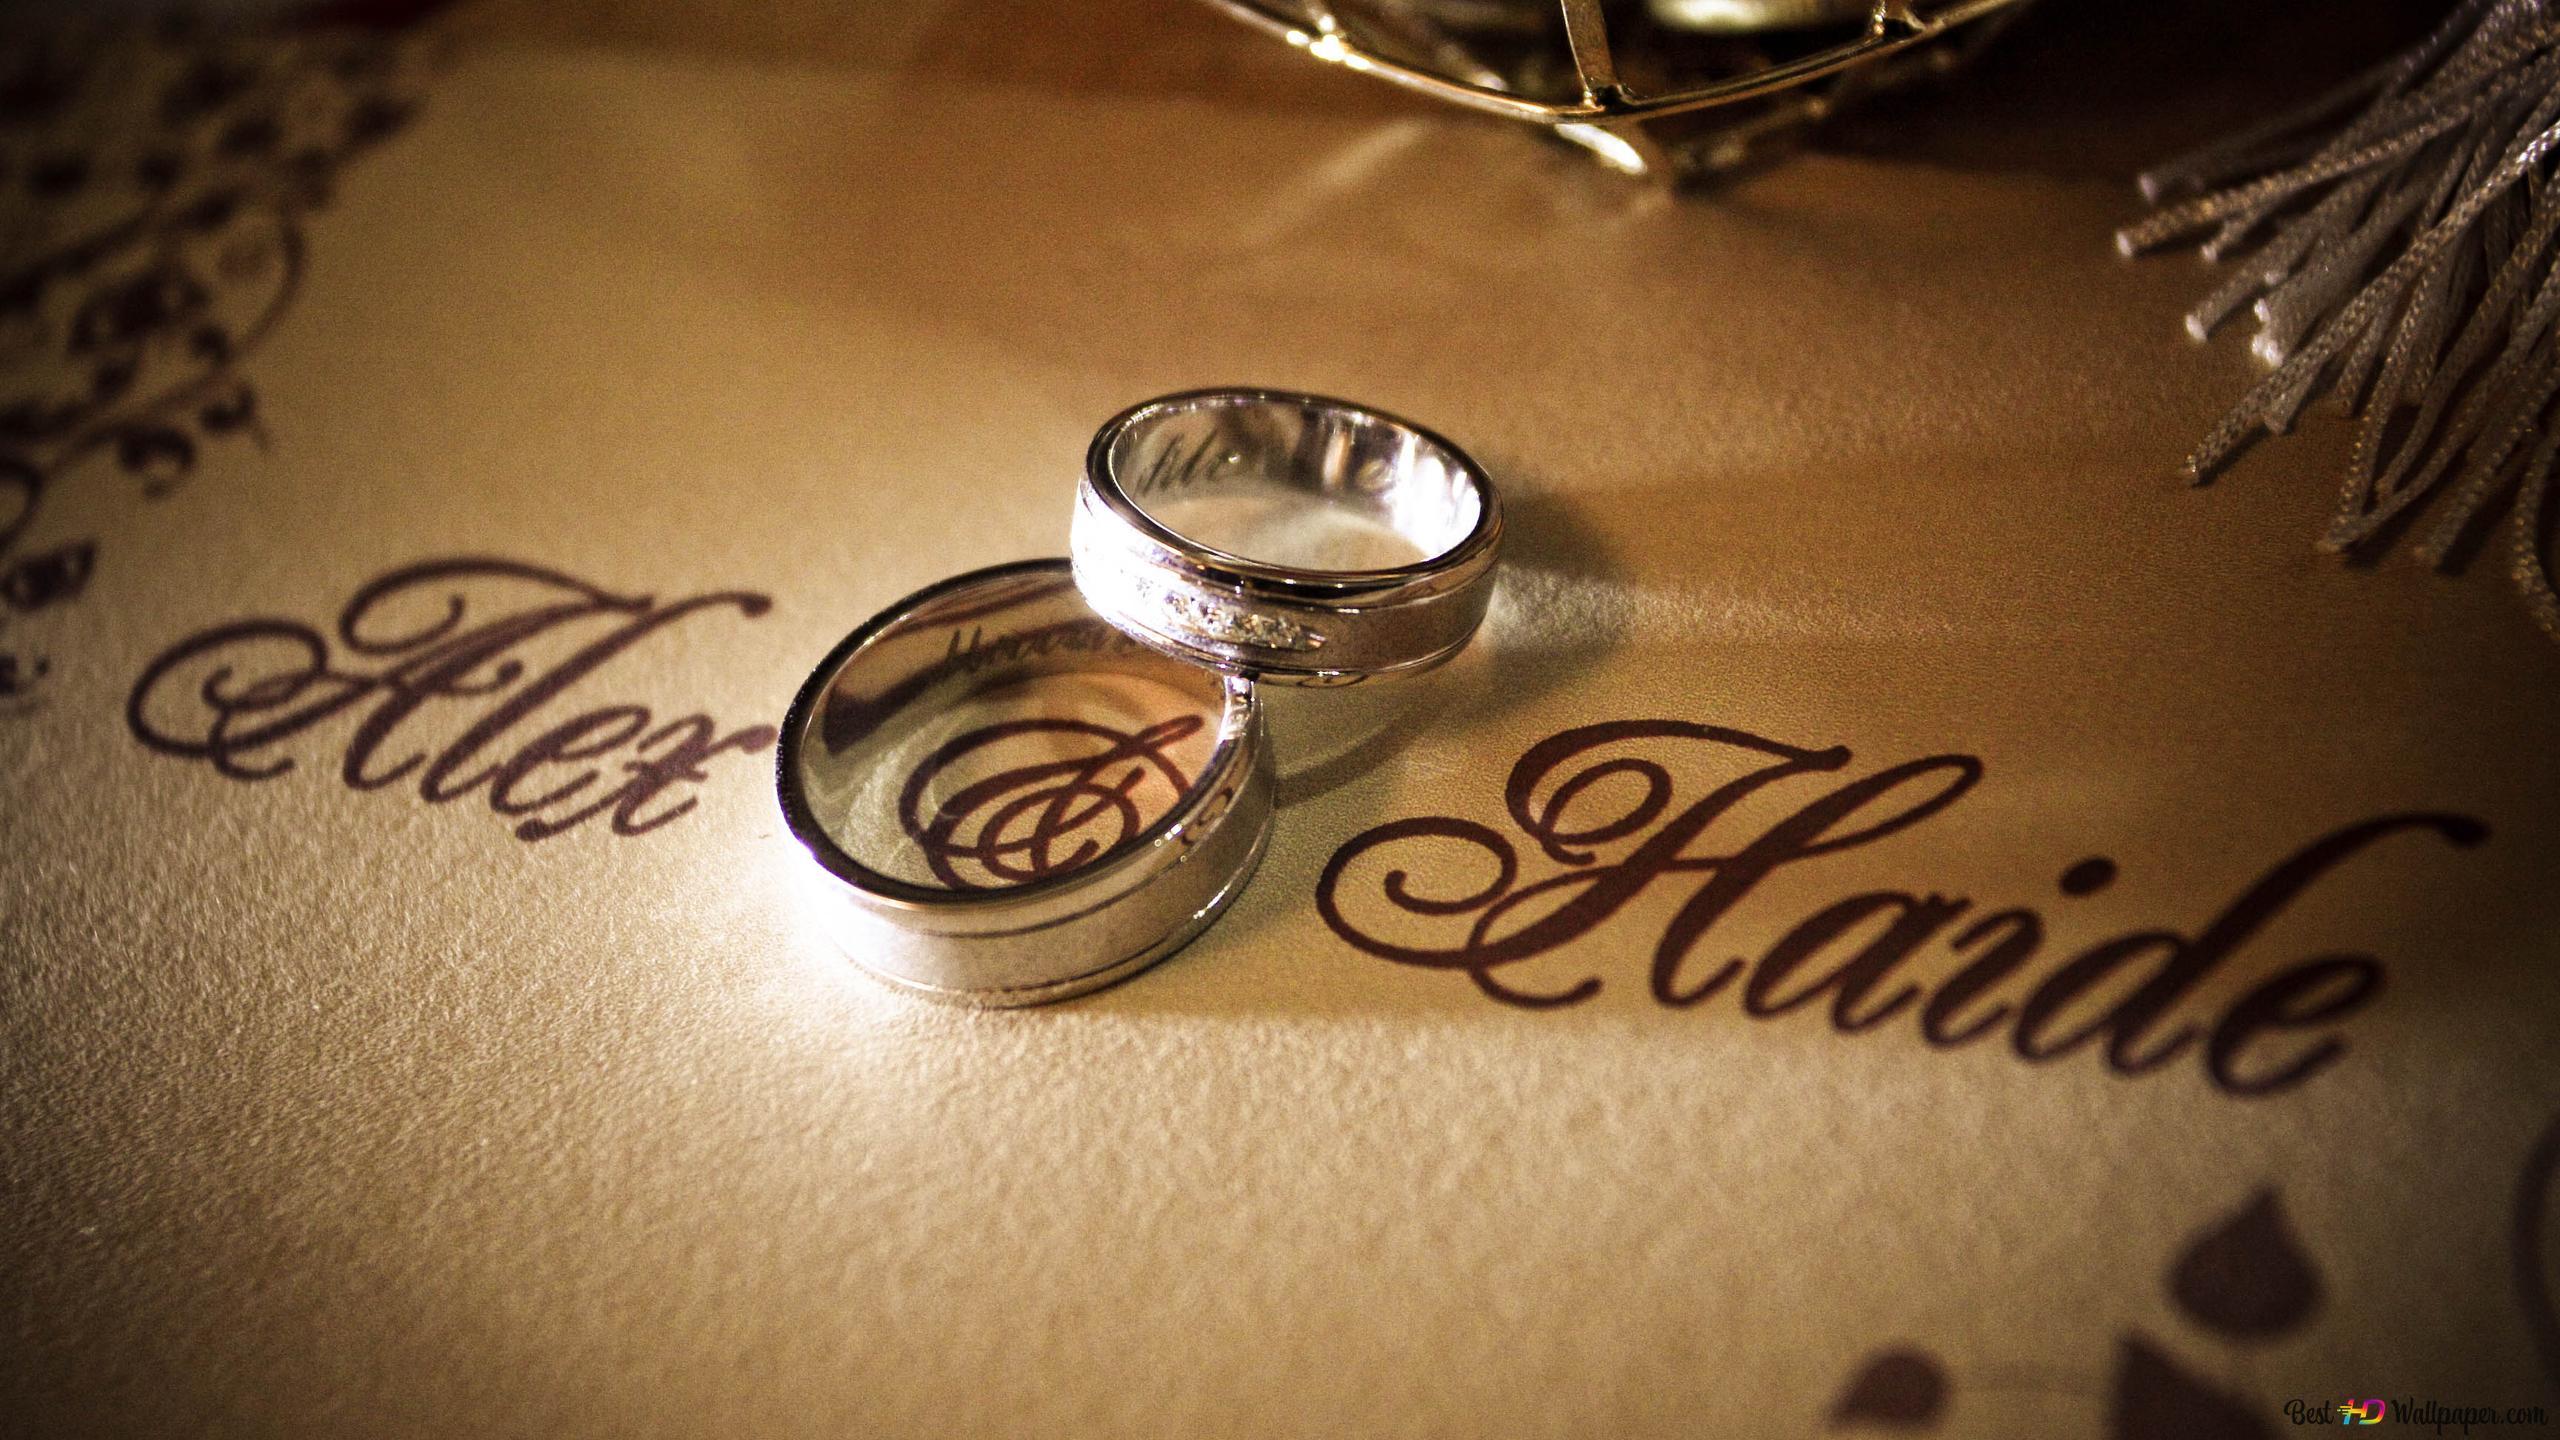 愛の指輪 hd壁紙のダウンロード